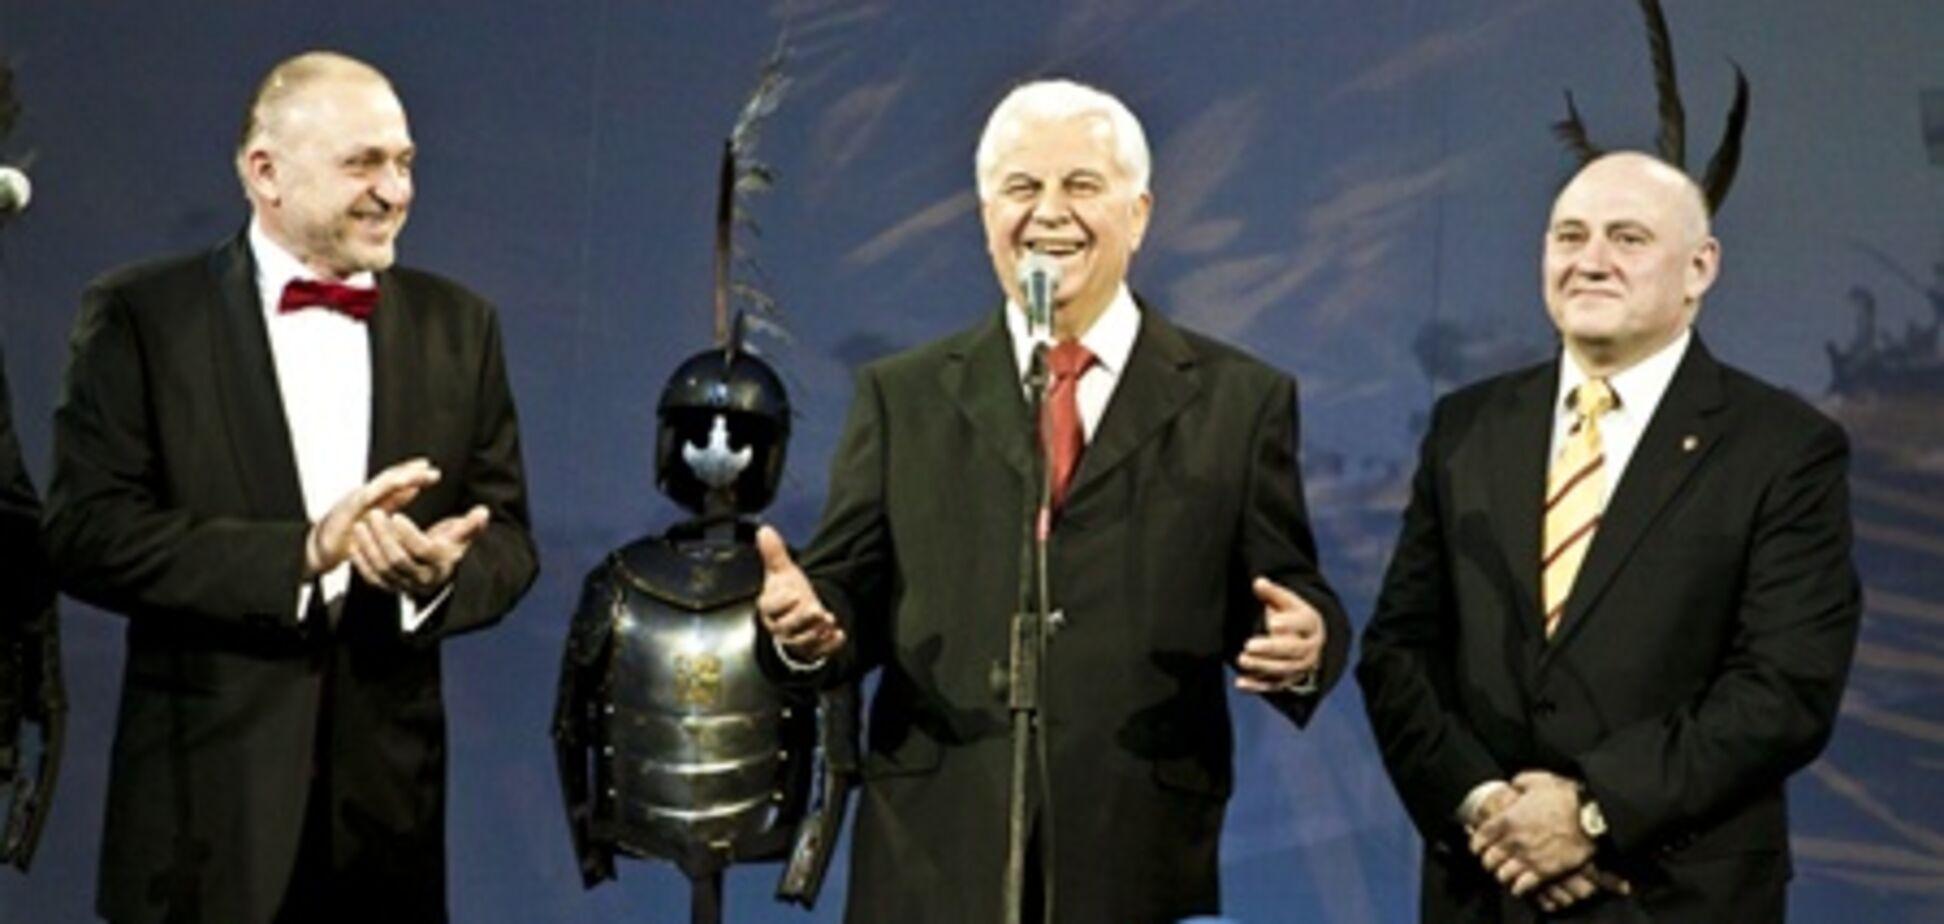 Кравчук зробив 'донецького' головним у 'Парламенті'